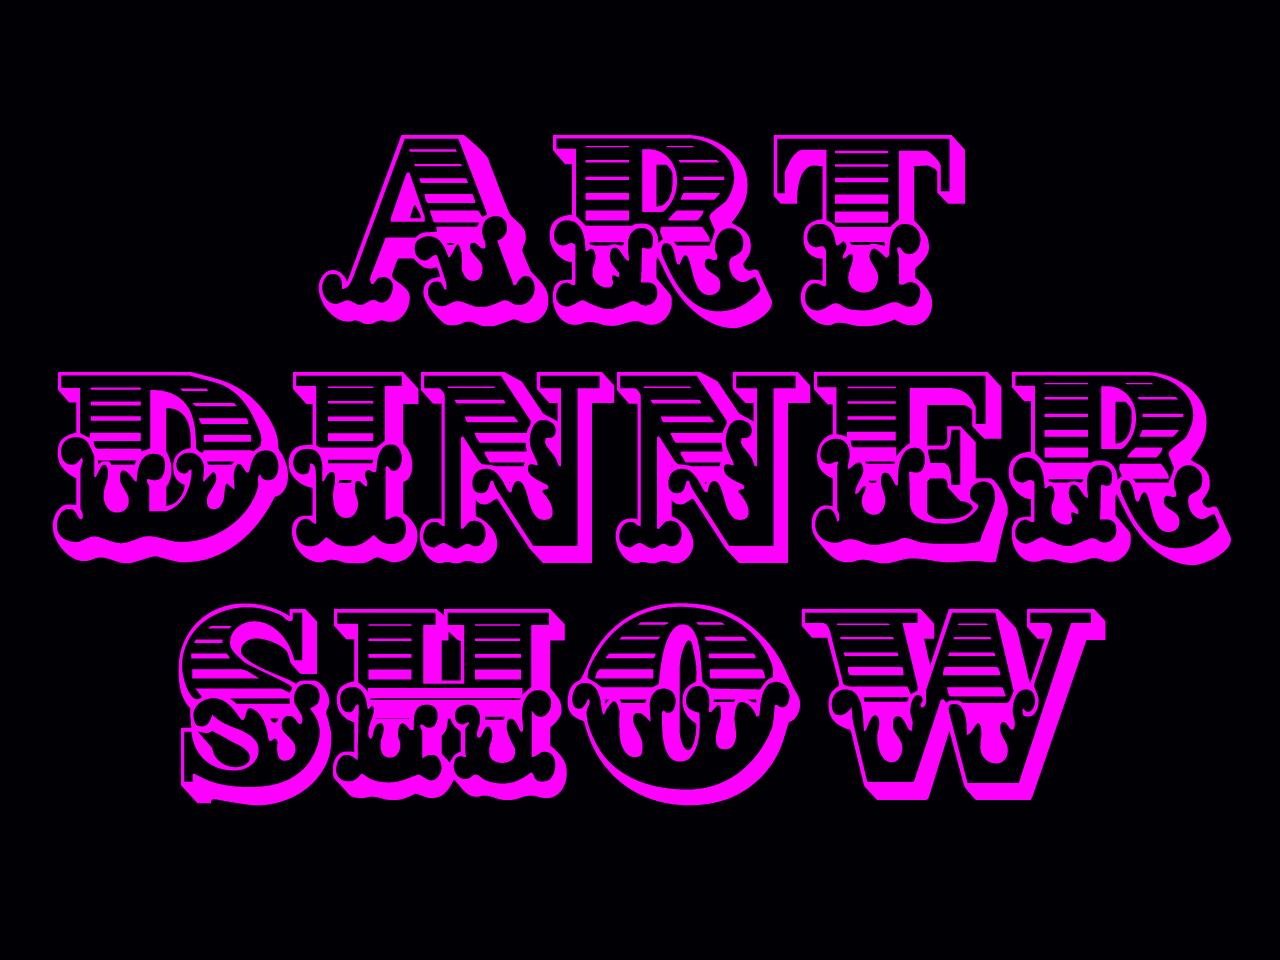 Art Dinner Show♥LOVE